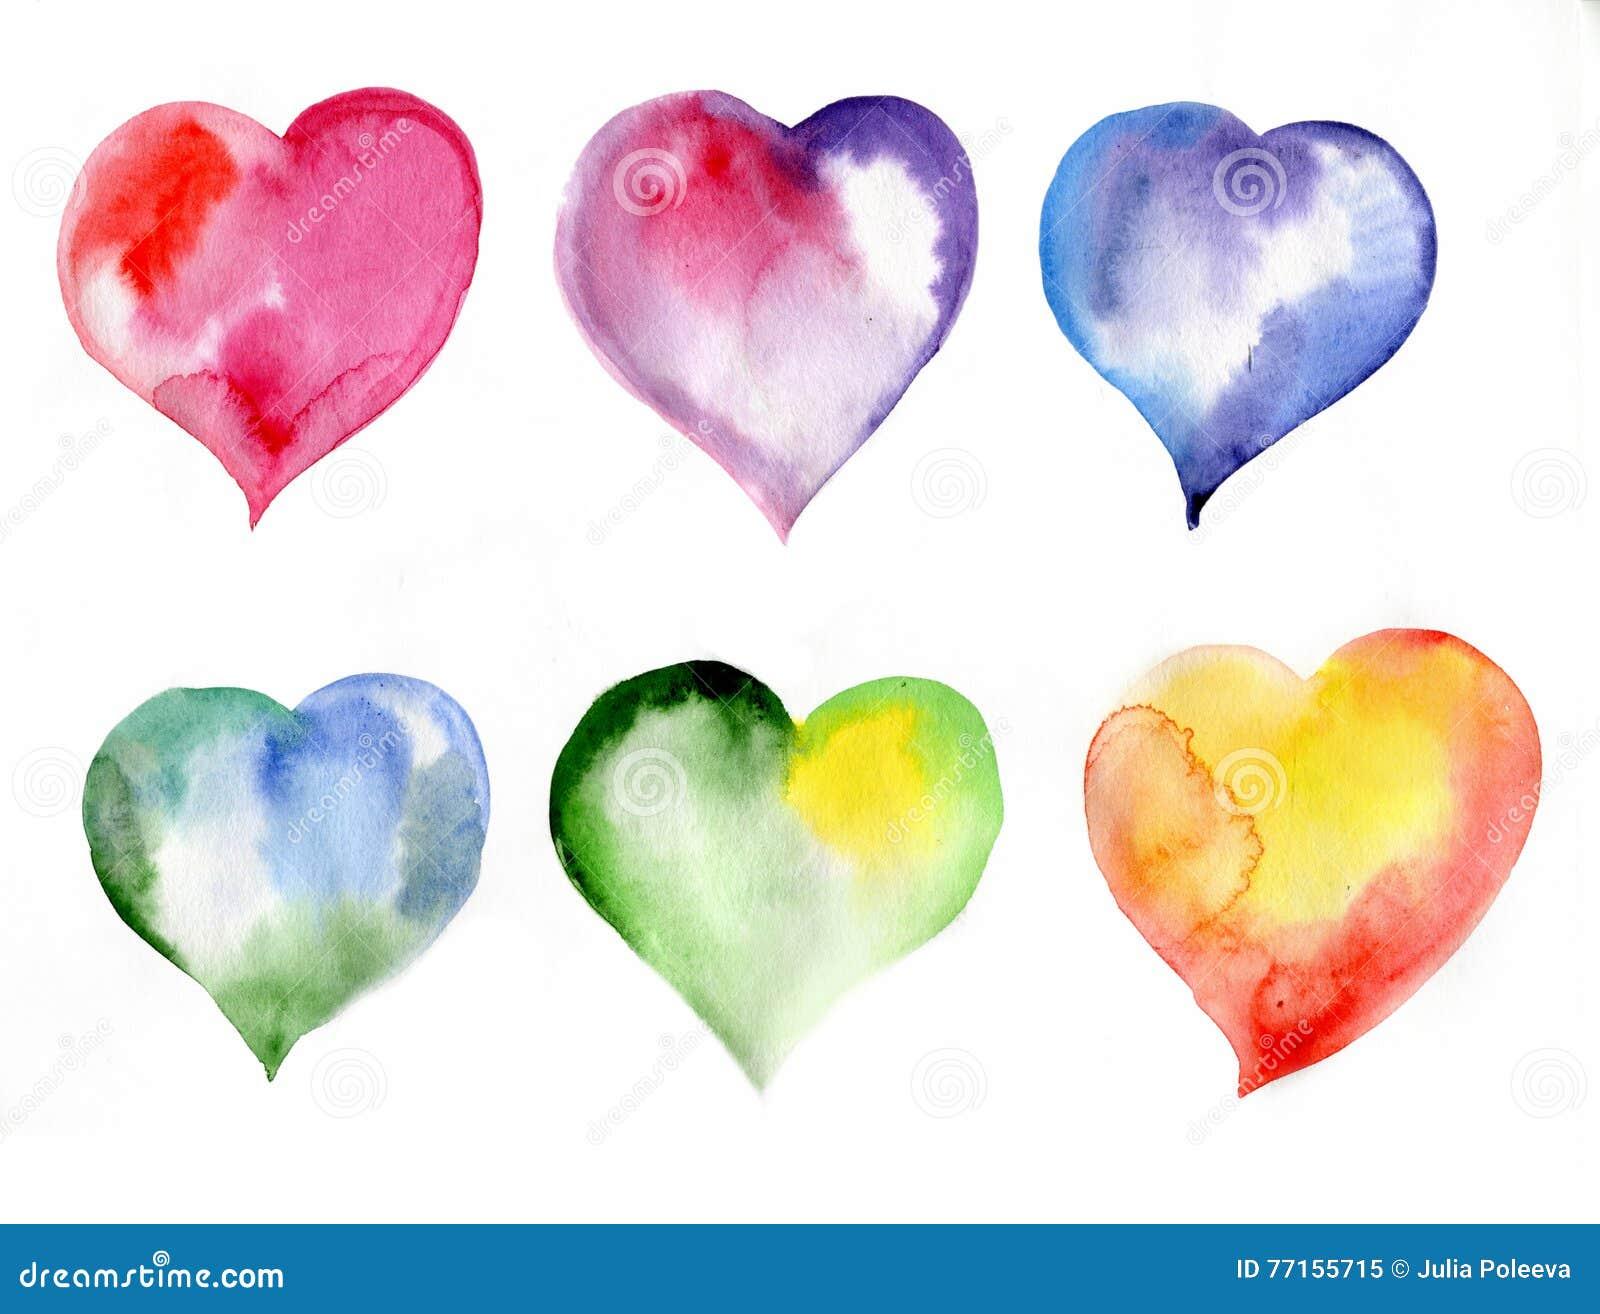 Coeurs colorés, jour de valentines, aquarelle